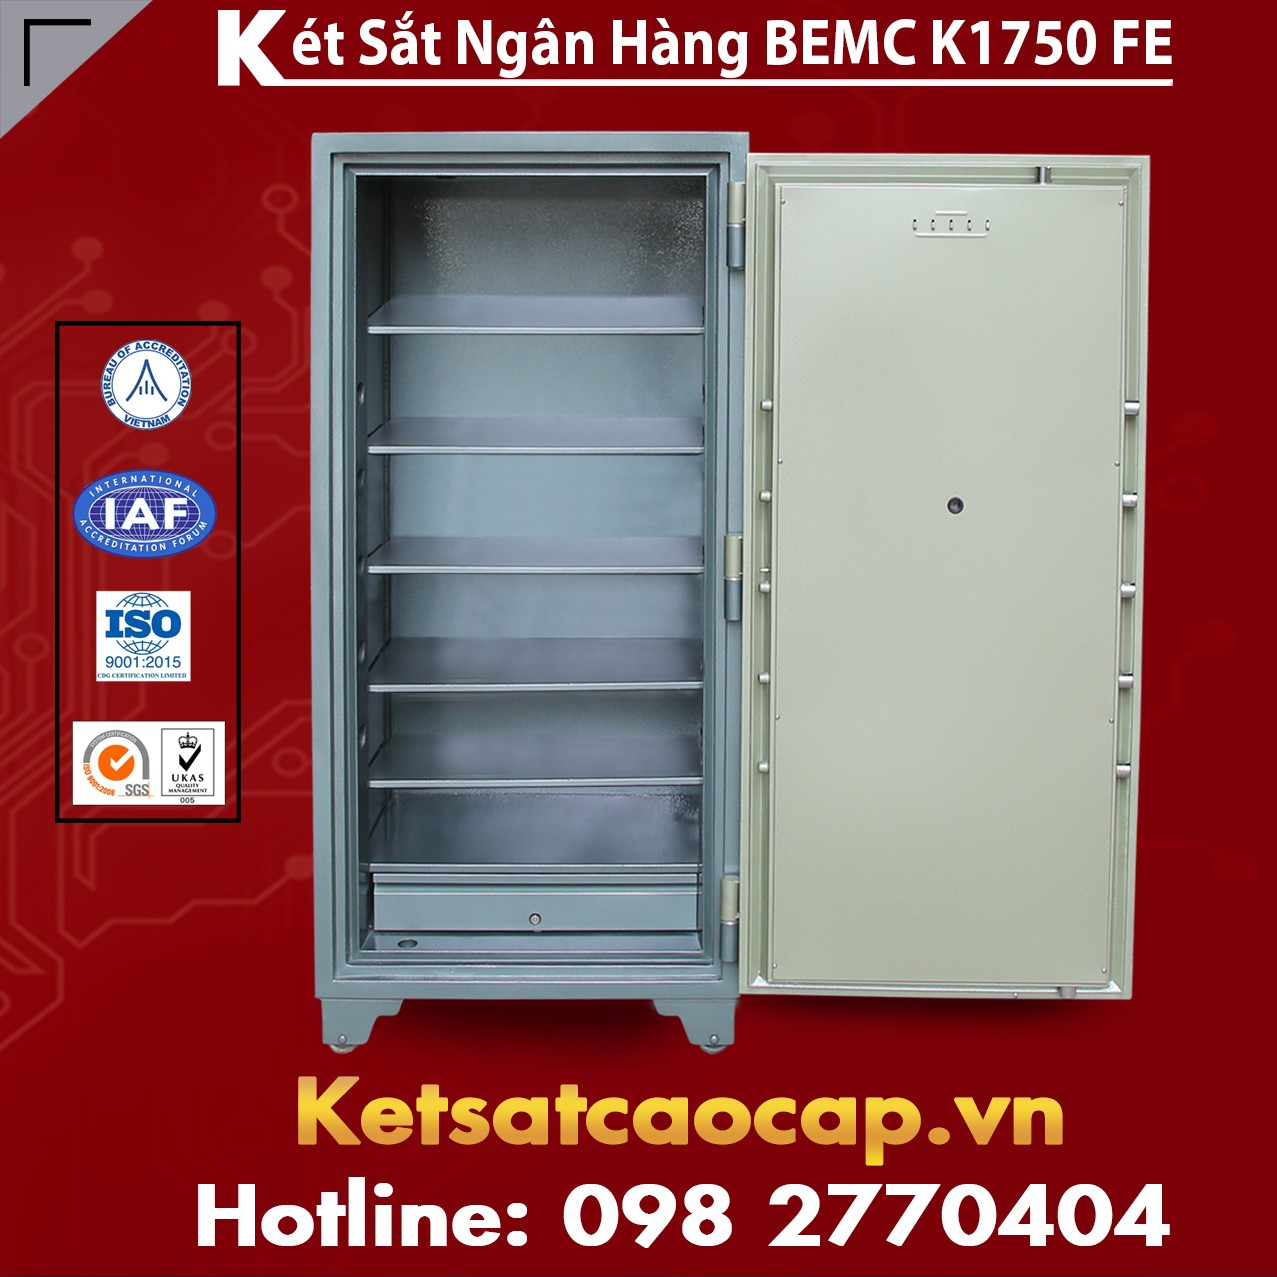 Két Sắt Vân Tay Điện Tử Hàn Quốc BEMC K1750 FE két sắt giá rẻ uy tín